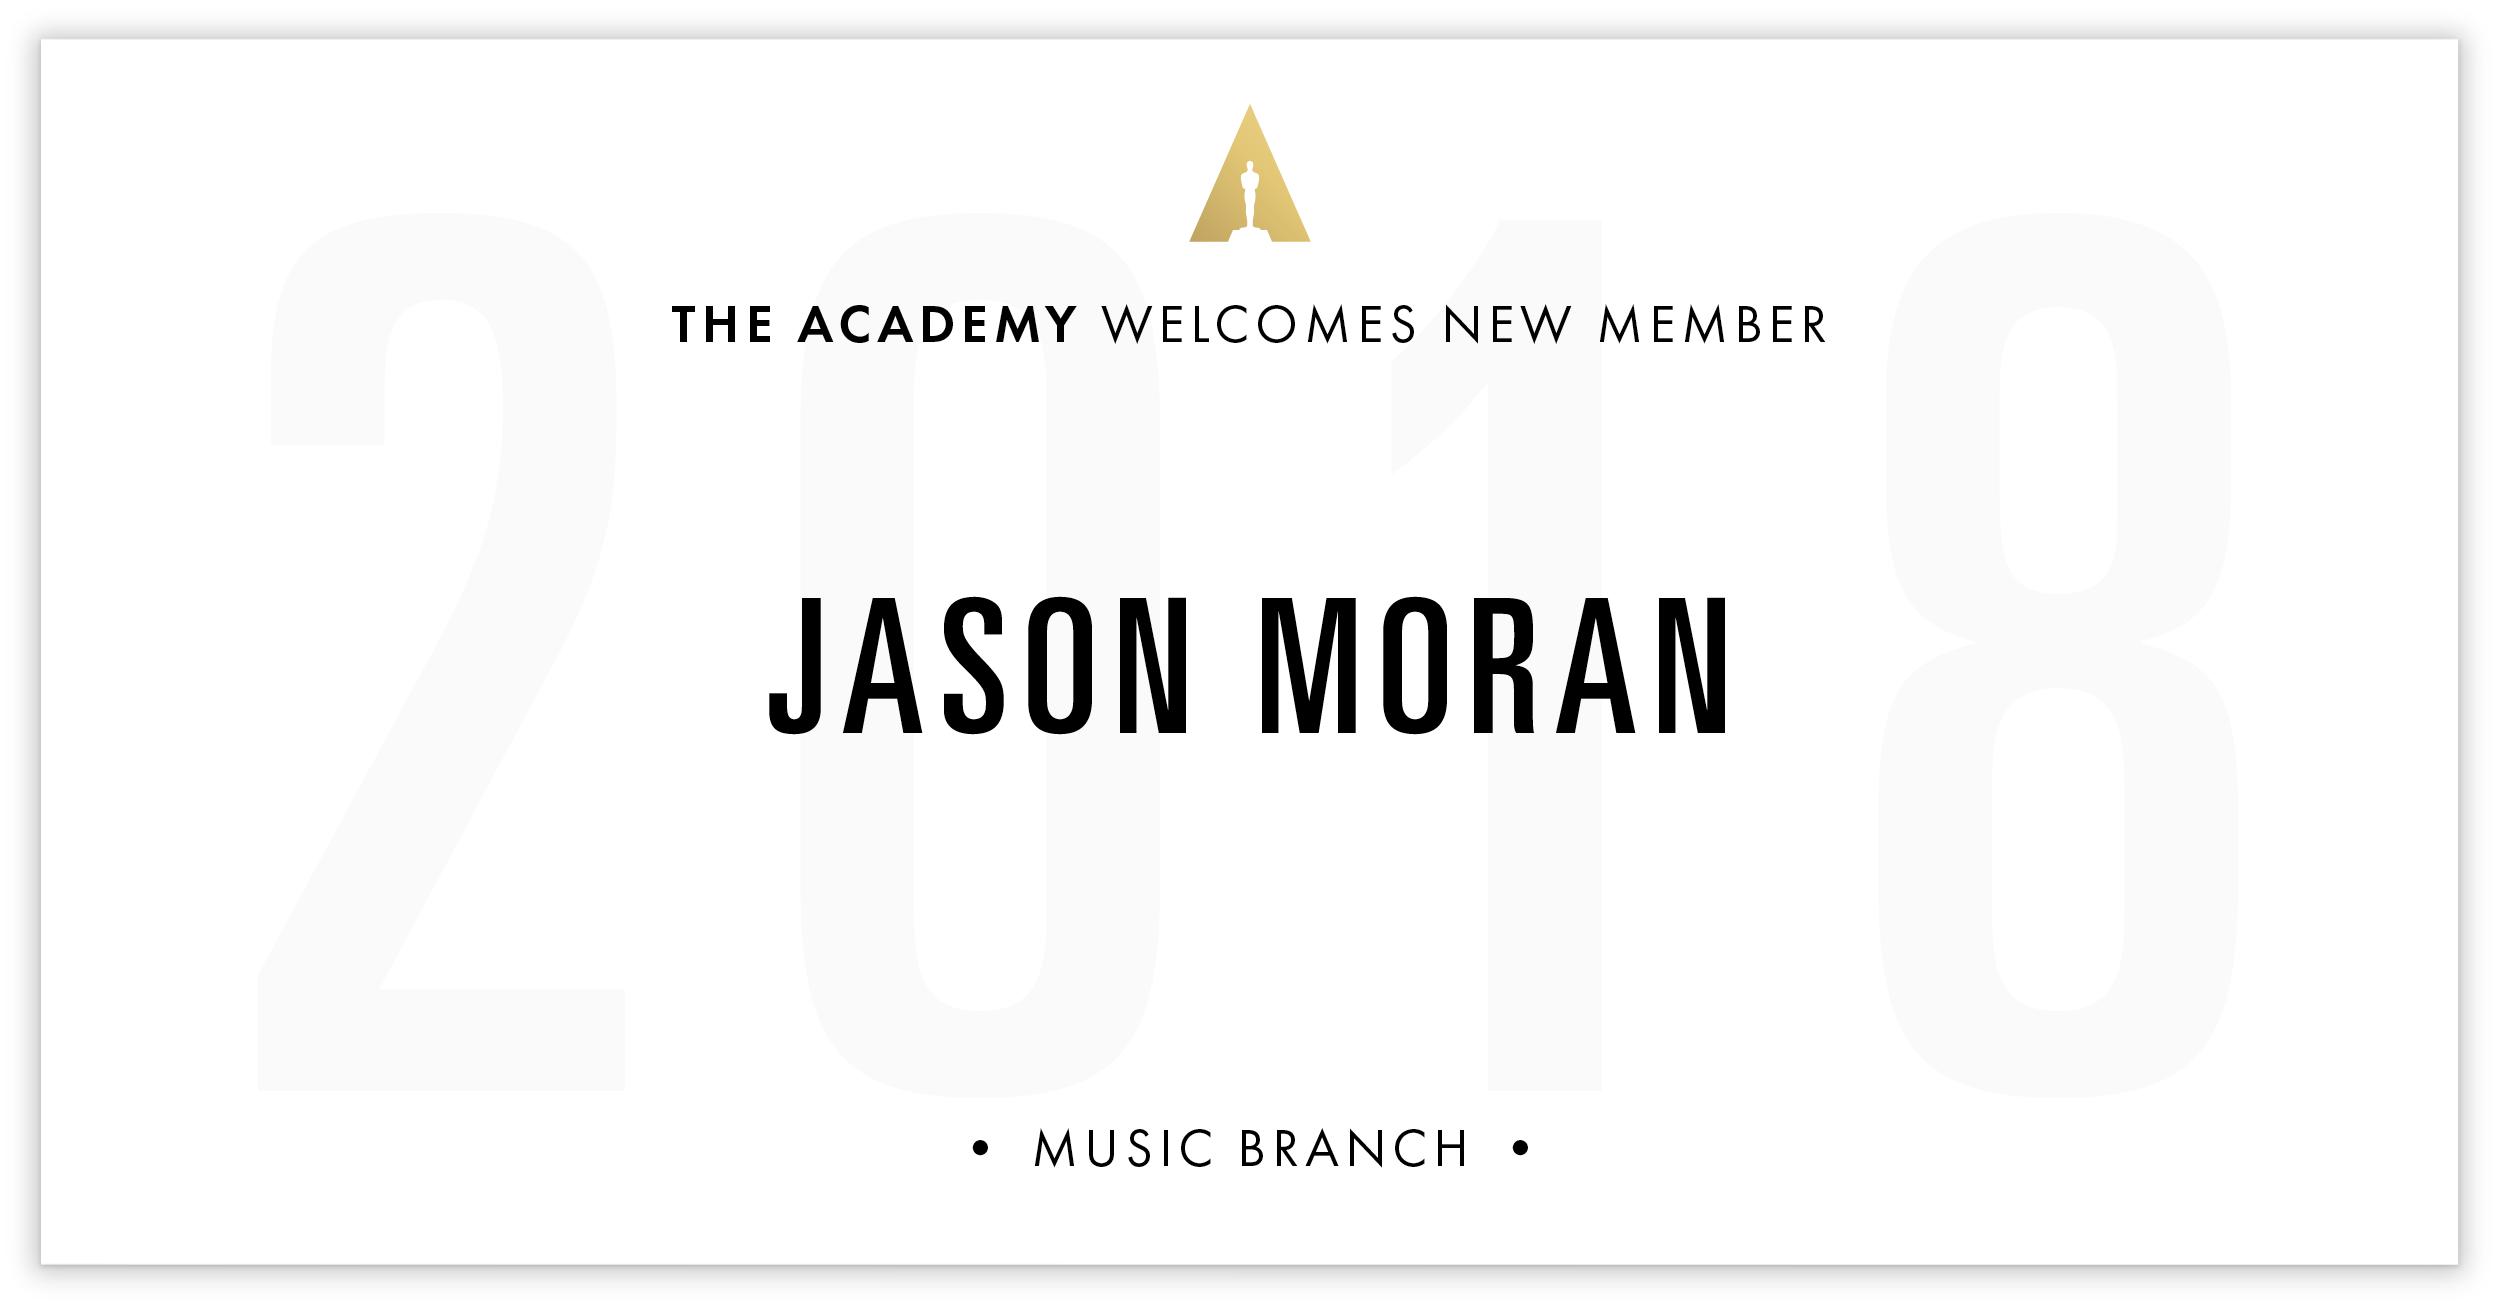 Jason Moran is invited!